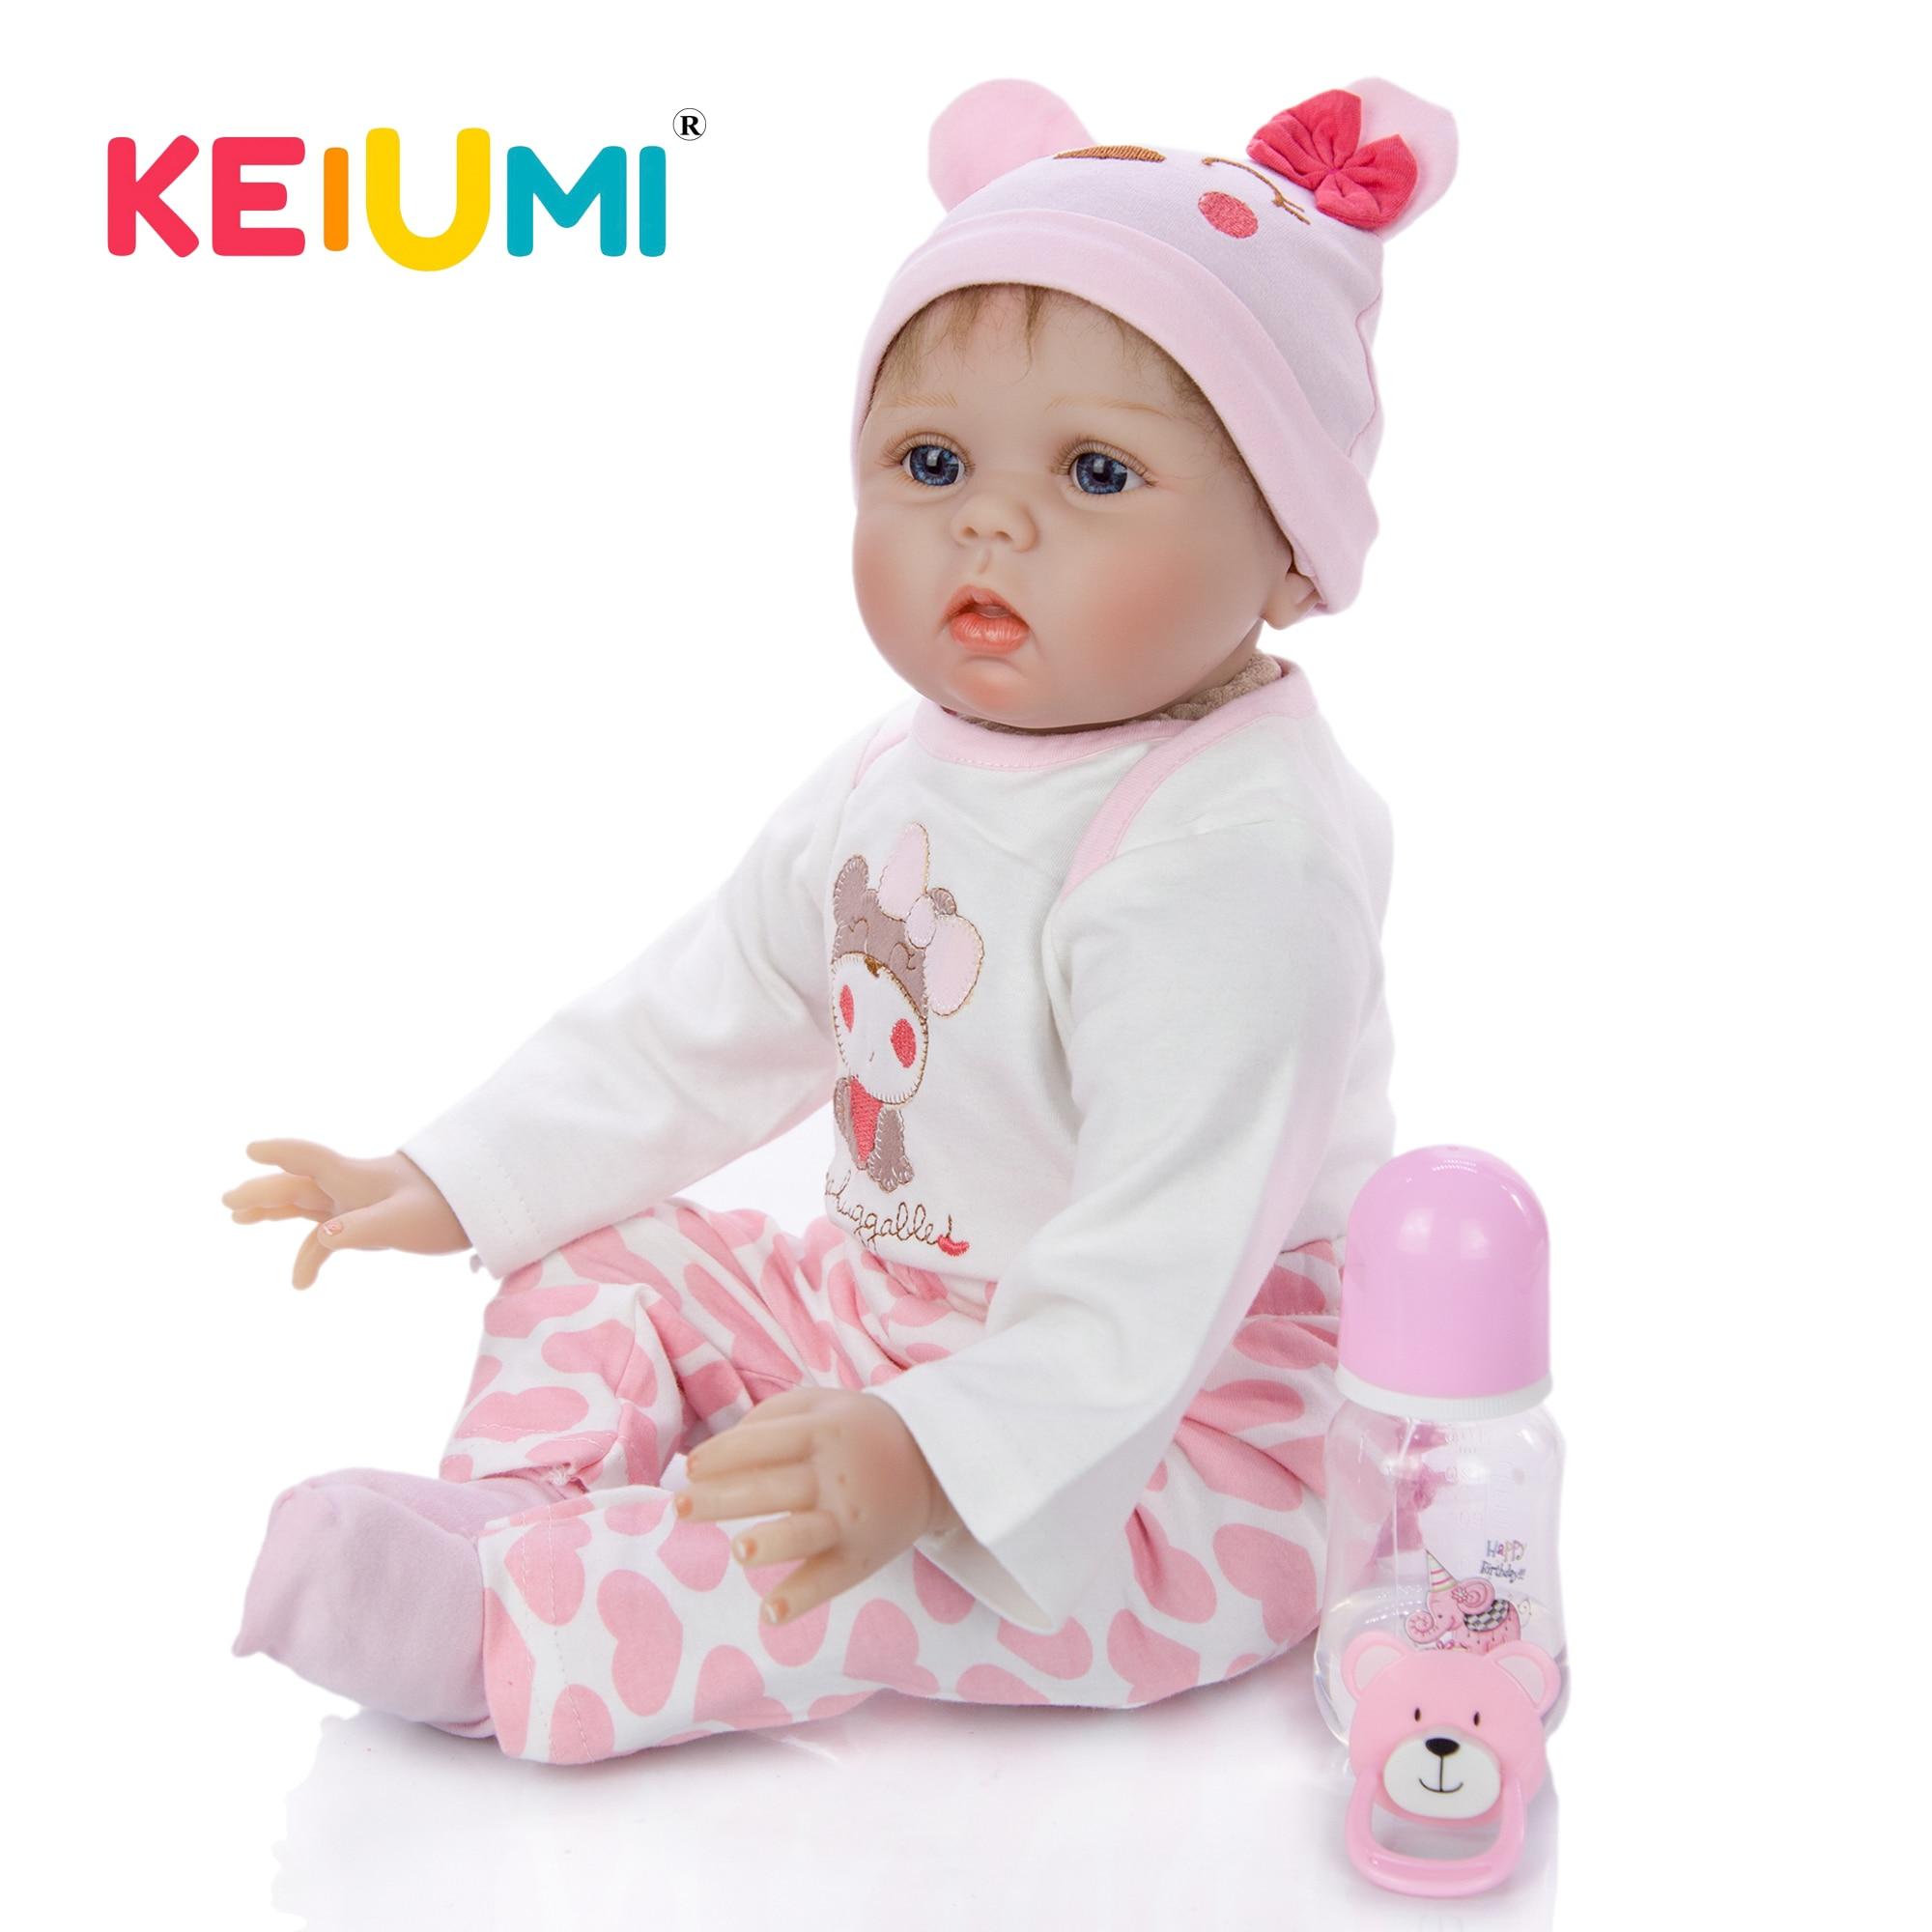 Oyuncaklar ve Hobi Ürünleri'ten Bebekler'de KEIUMI Gerçekçi 22 ''Reborn Bebekler 55 cm Yumuşak Silikon Yeniden Doğmuş Bebek Vinil Doldurulmuş Bebek Kız Doğum Günü Noel Hediyesi'da  Grup 1